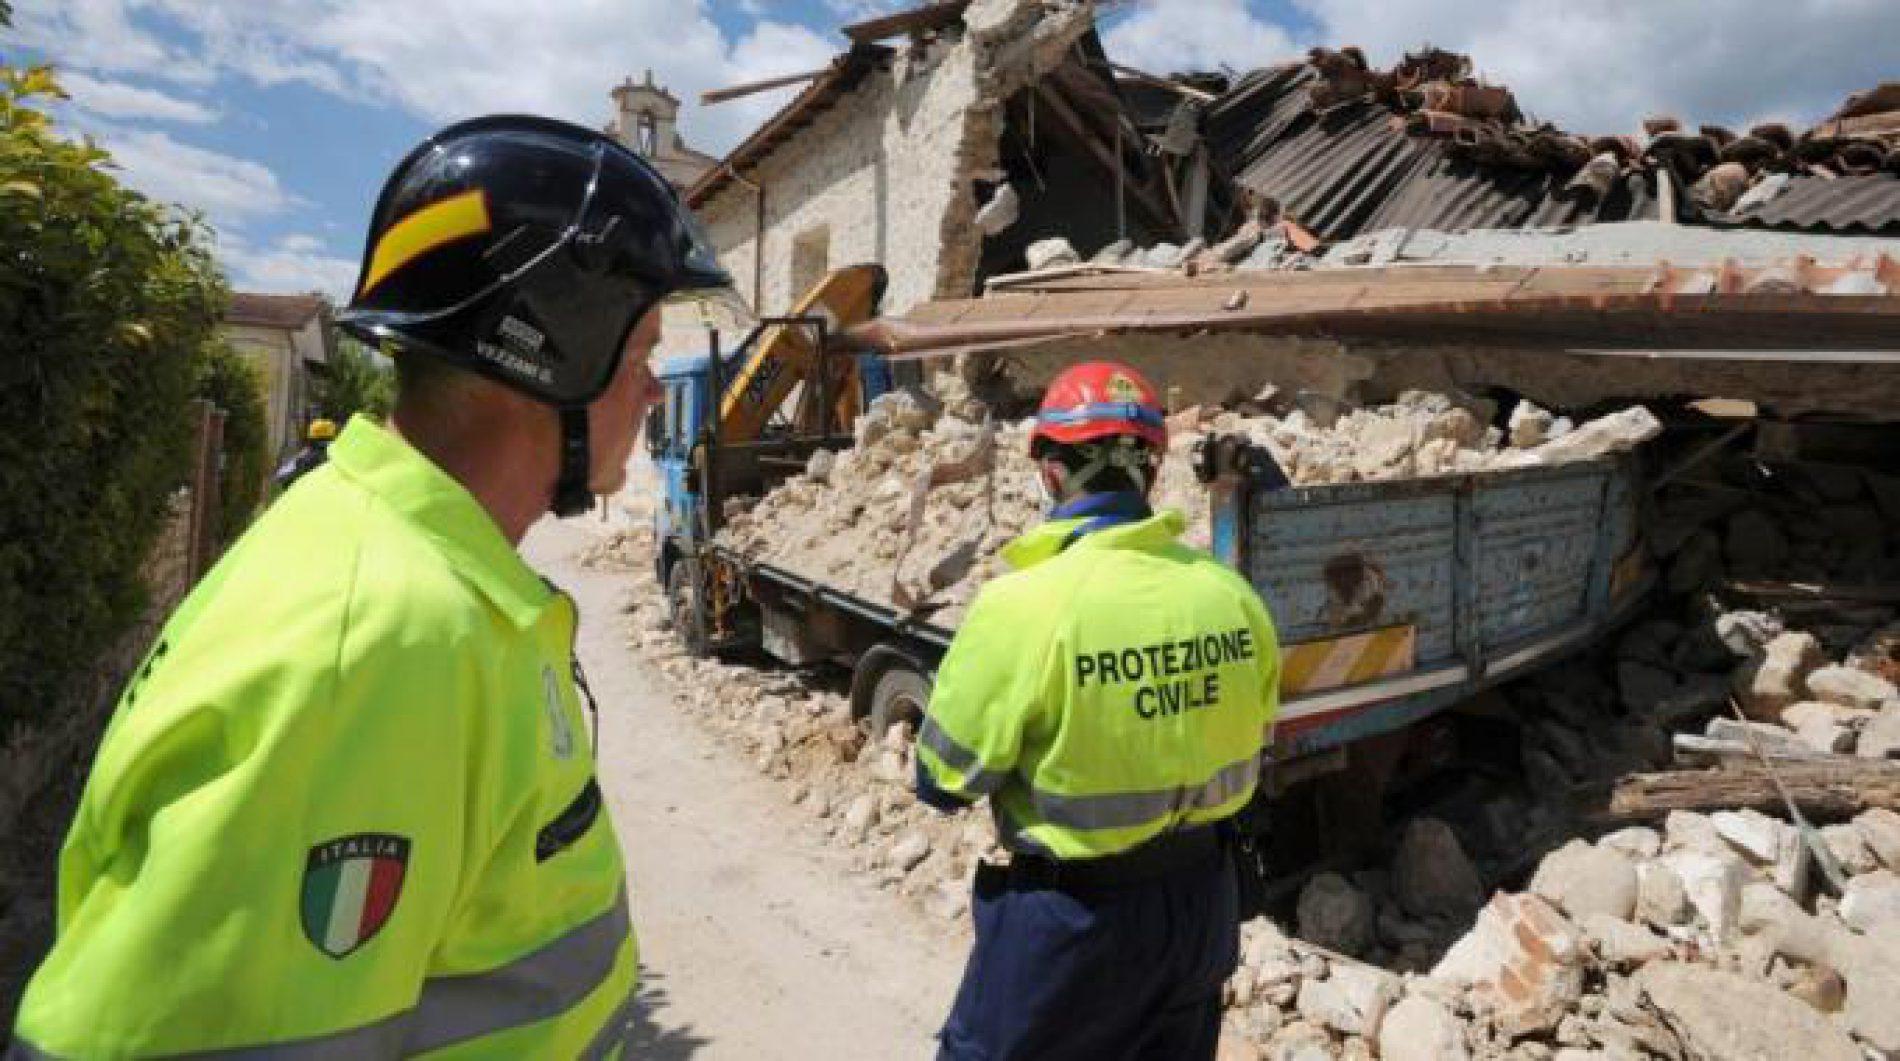 Nasce il Nuovo Codice della Protezione Civile